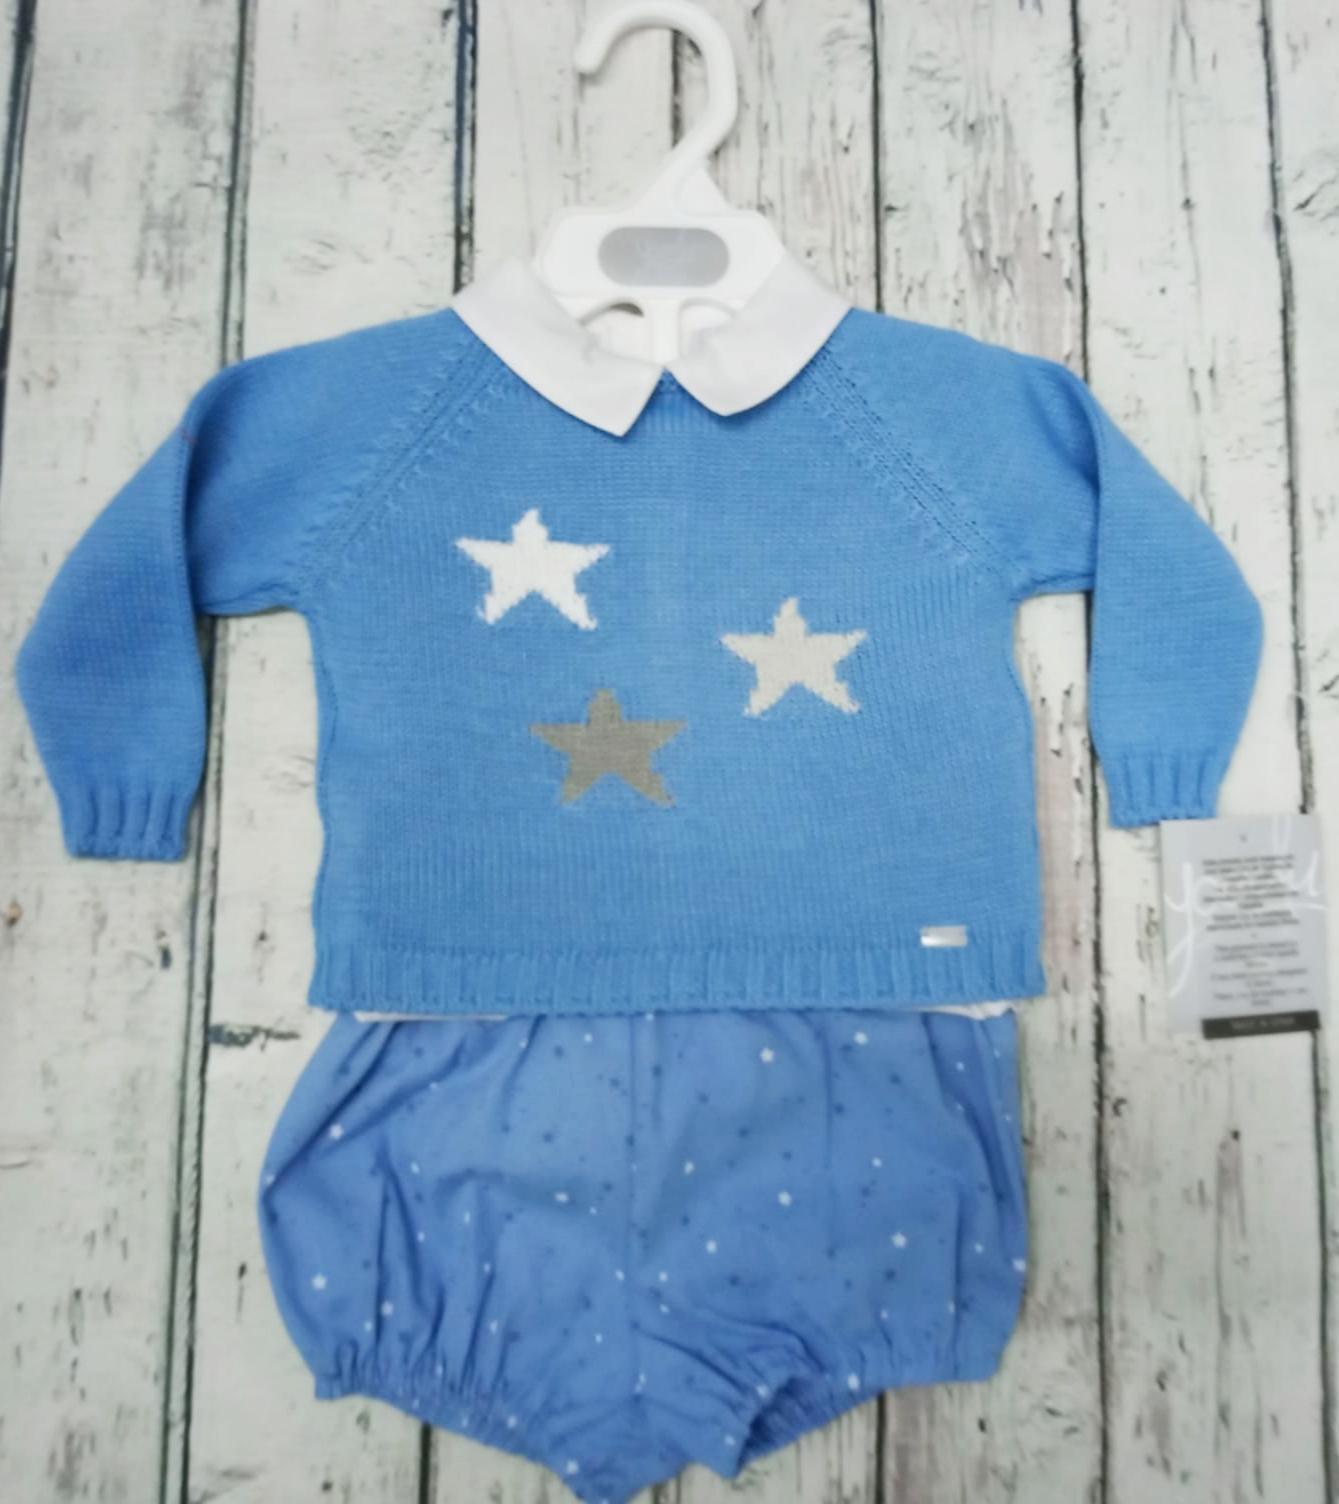 Conjunto de niño Estrellitas en azul de Yoedu.